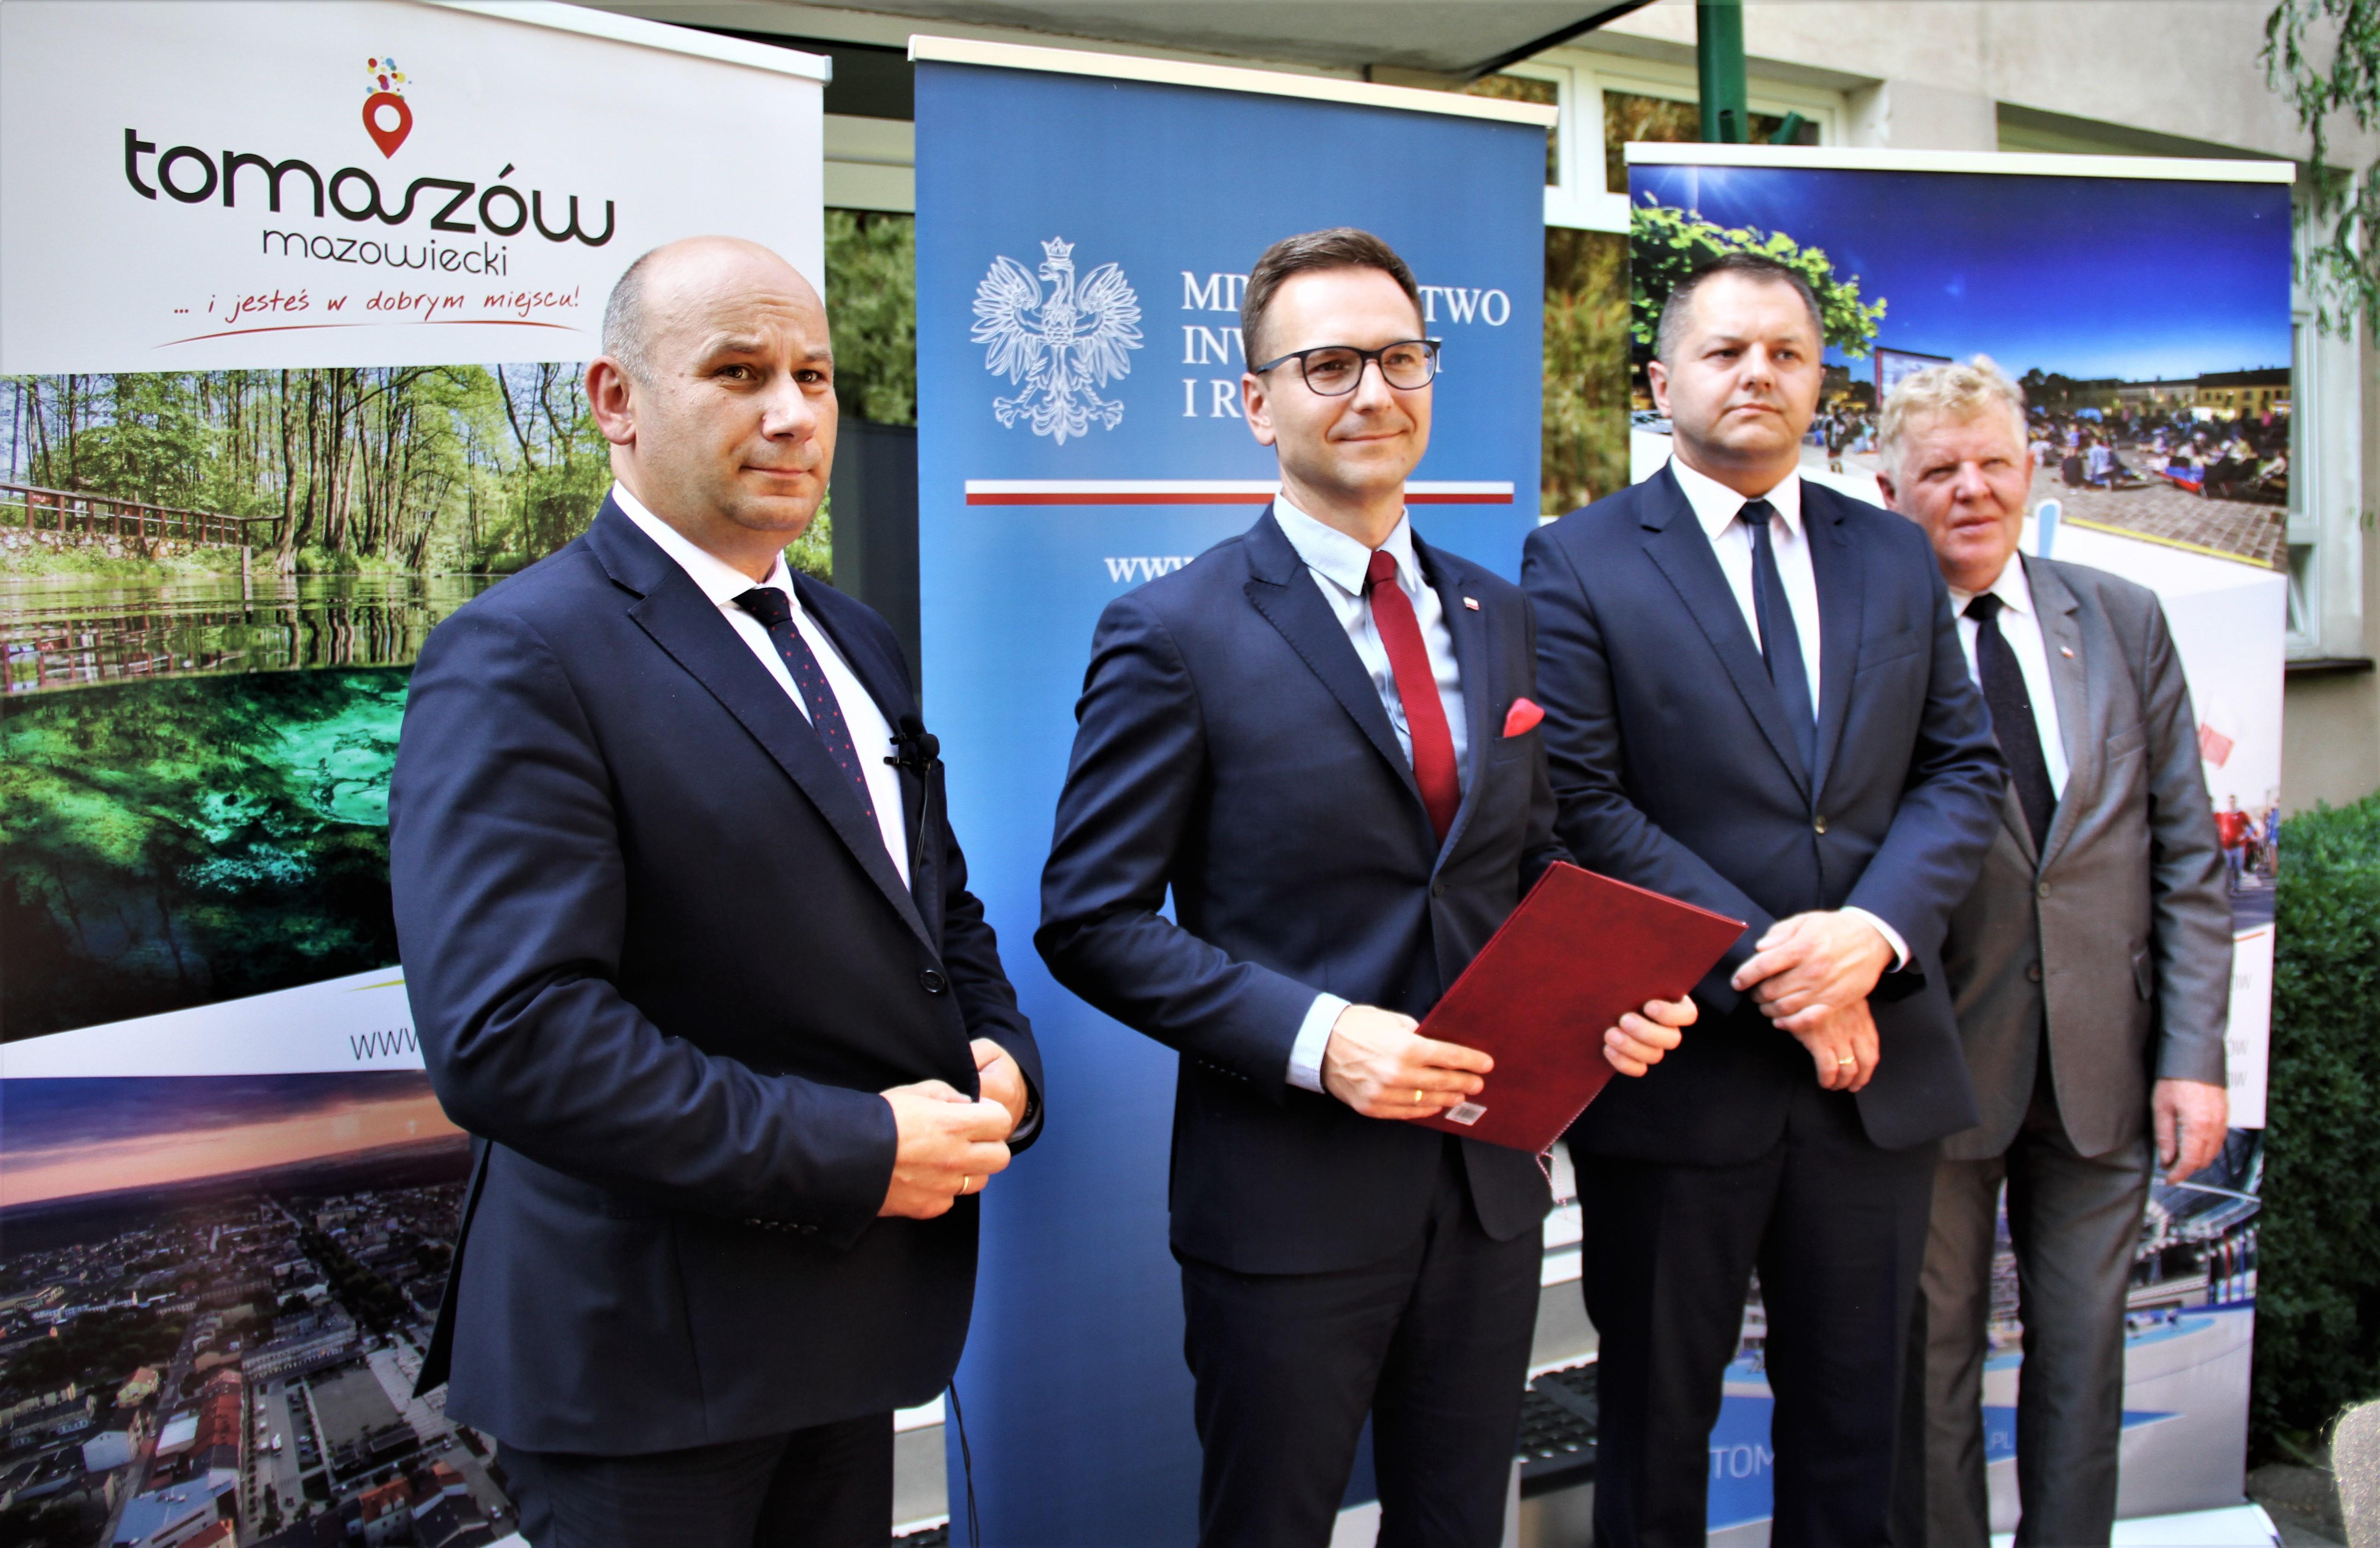 Na zdjęciu Marcin Witko, Waldemar Buda, Rafał Ambrozik oraz Grzegorz Wojciechowski